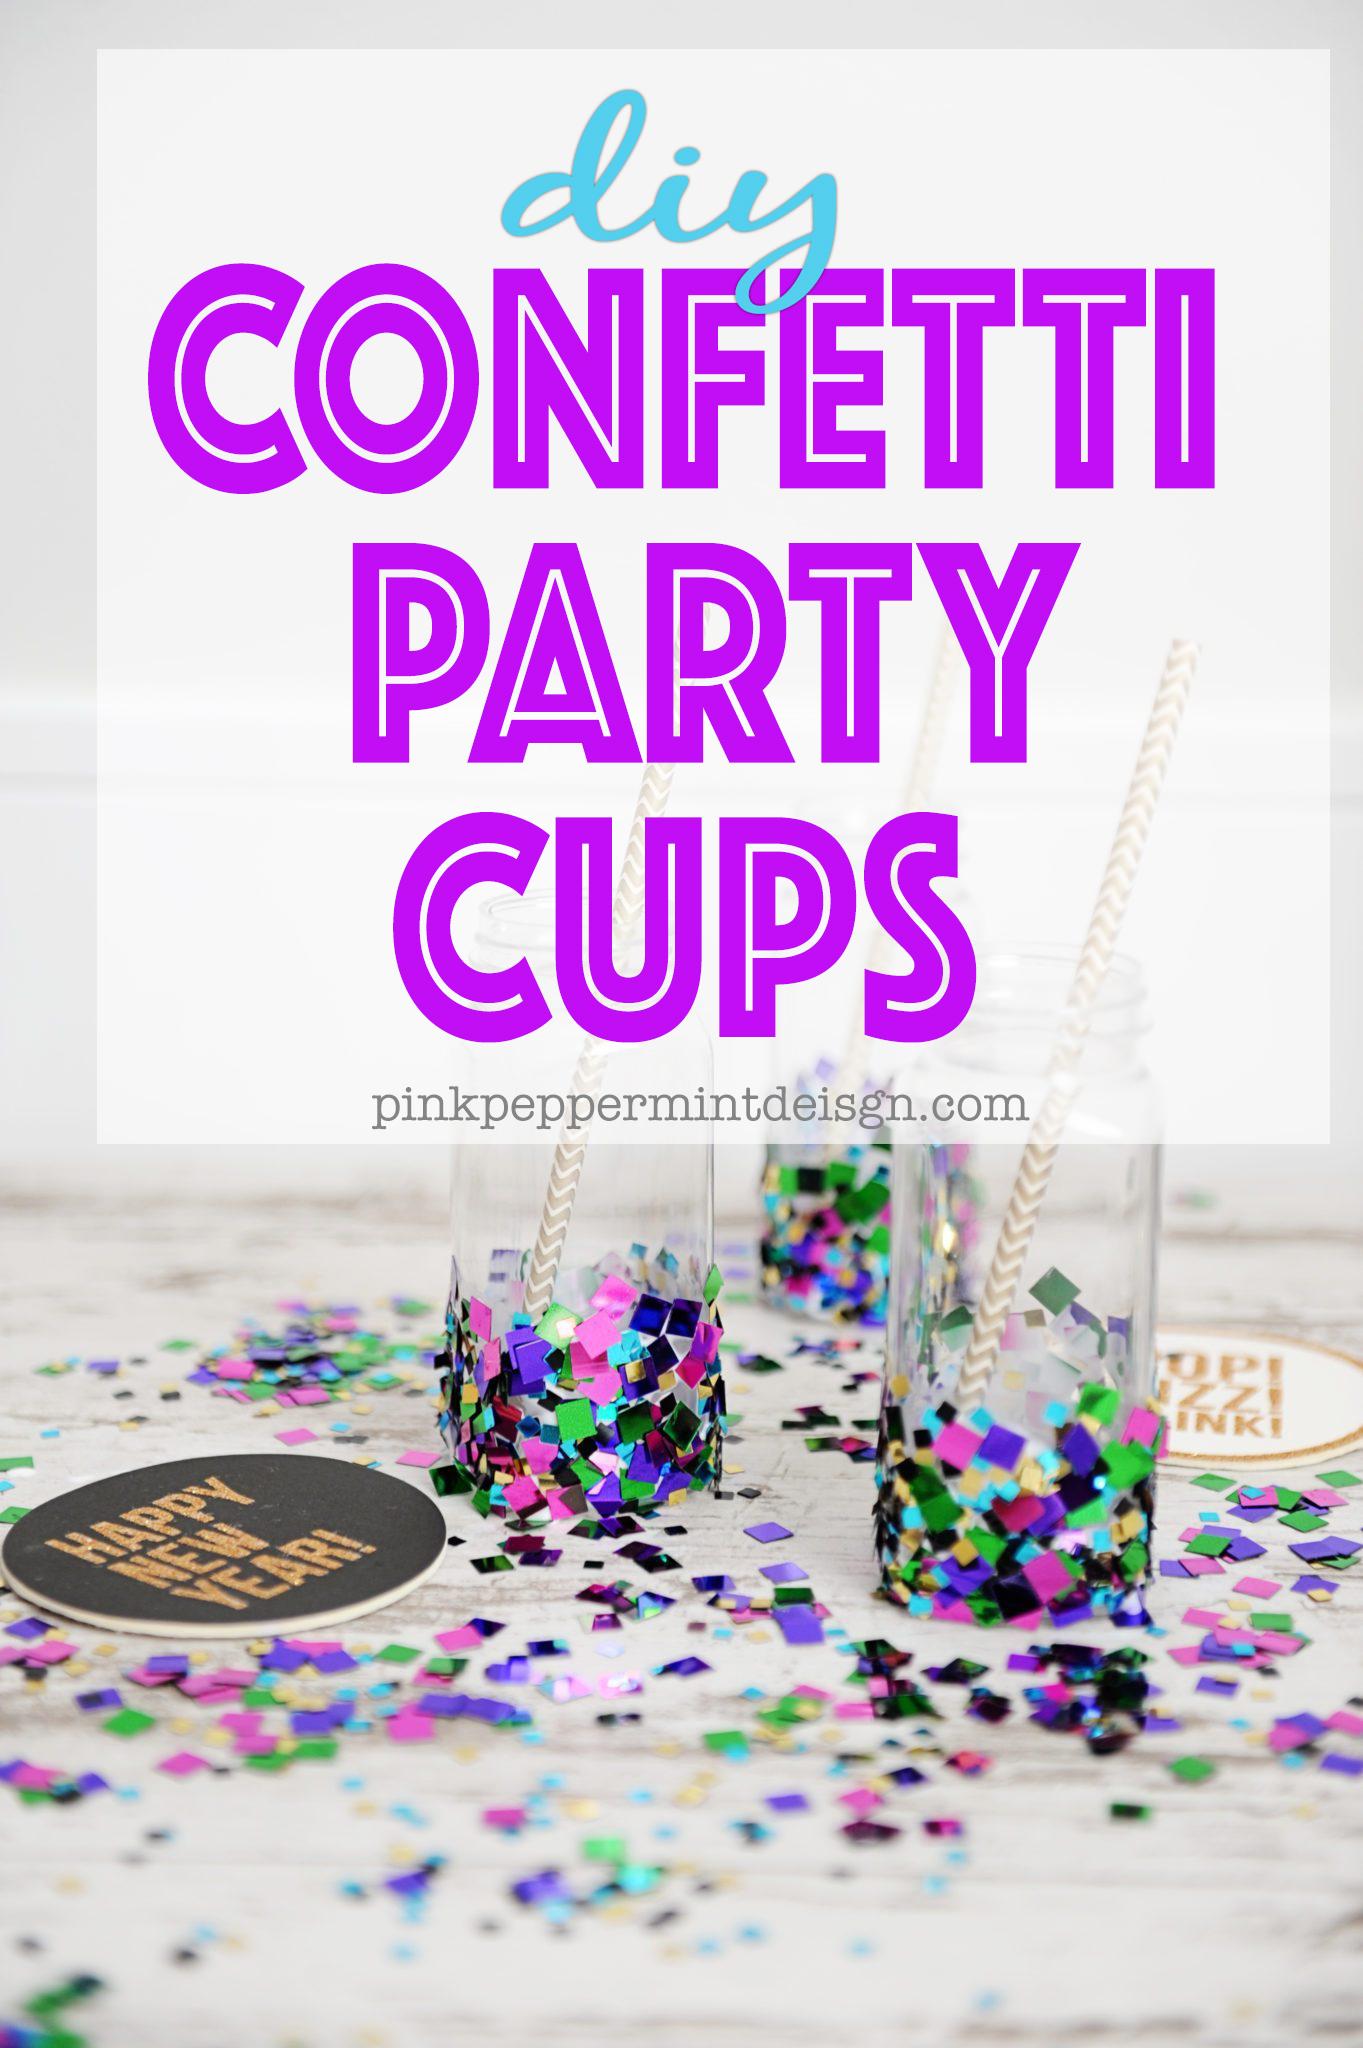 Confetti party cups